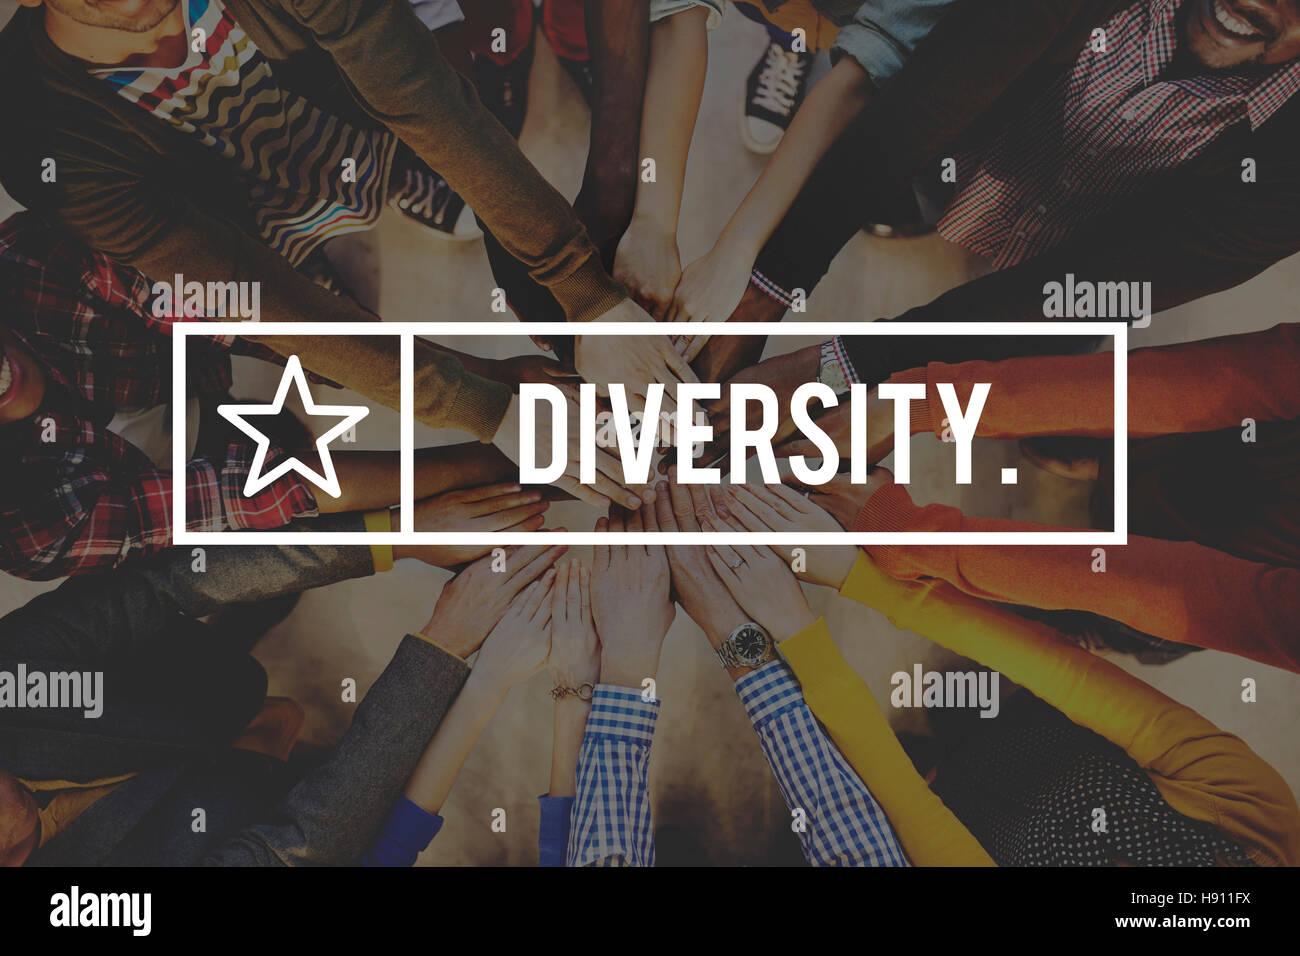 La diversidad de la Sociedad Carrera de variación concepto comunitario Imagen De Stock